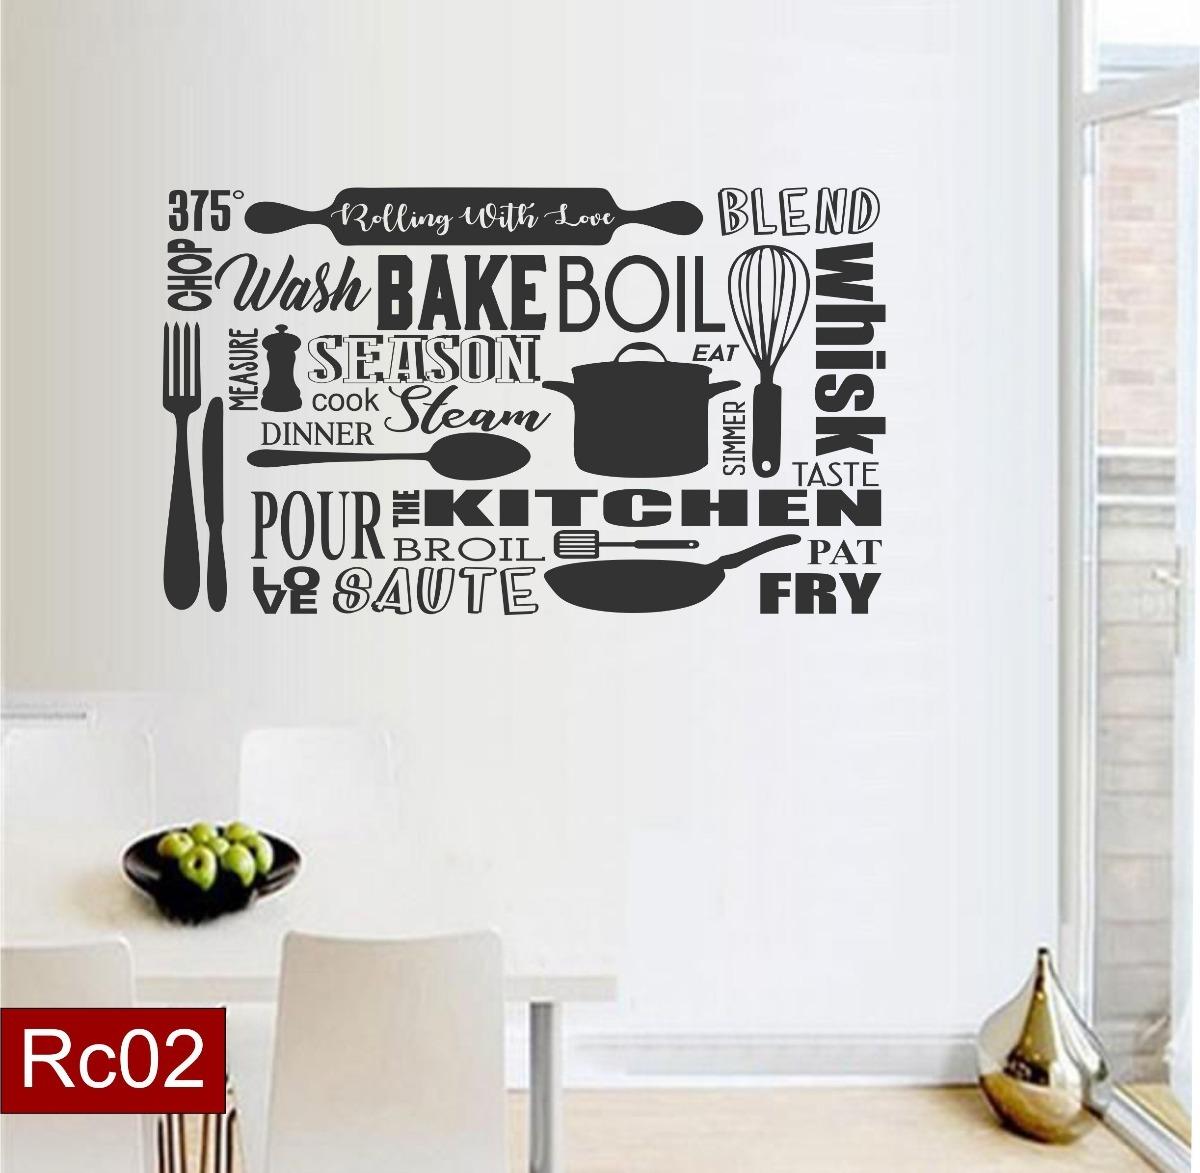 Vinilos De Moda.Vinilos Decorativos Para La Cocina Comedor Decoracion Moda